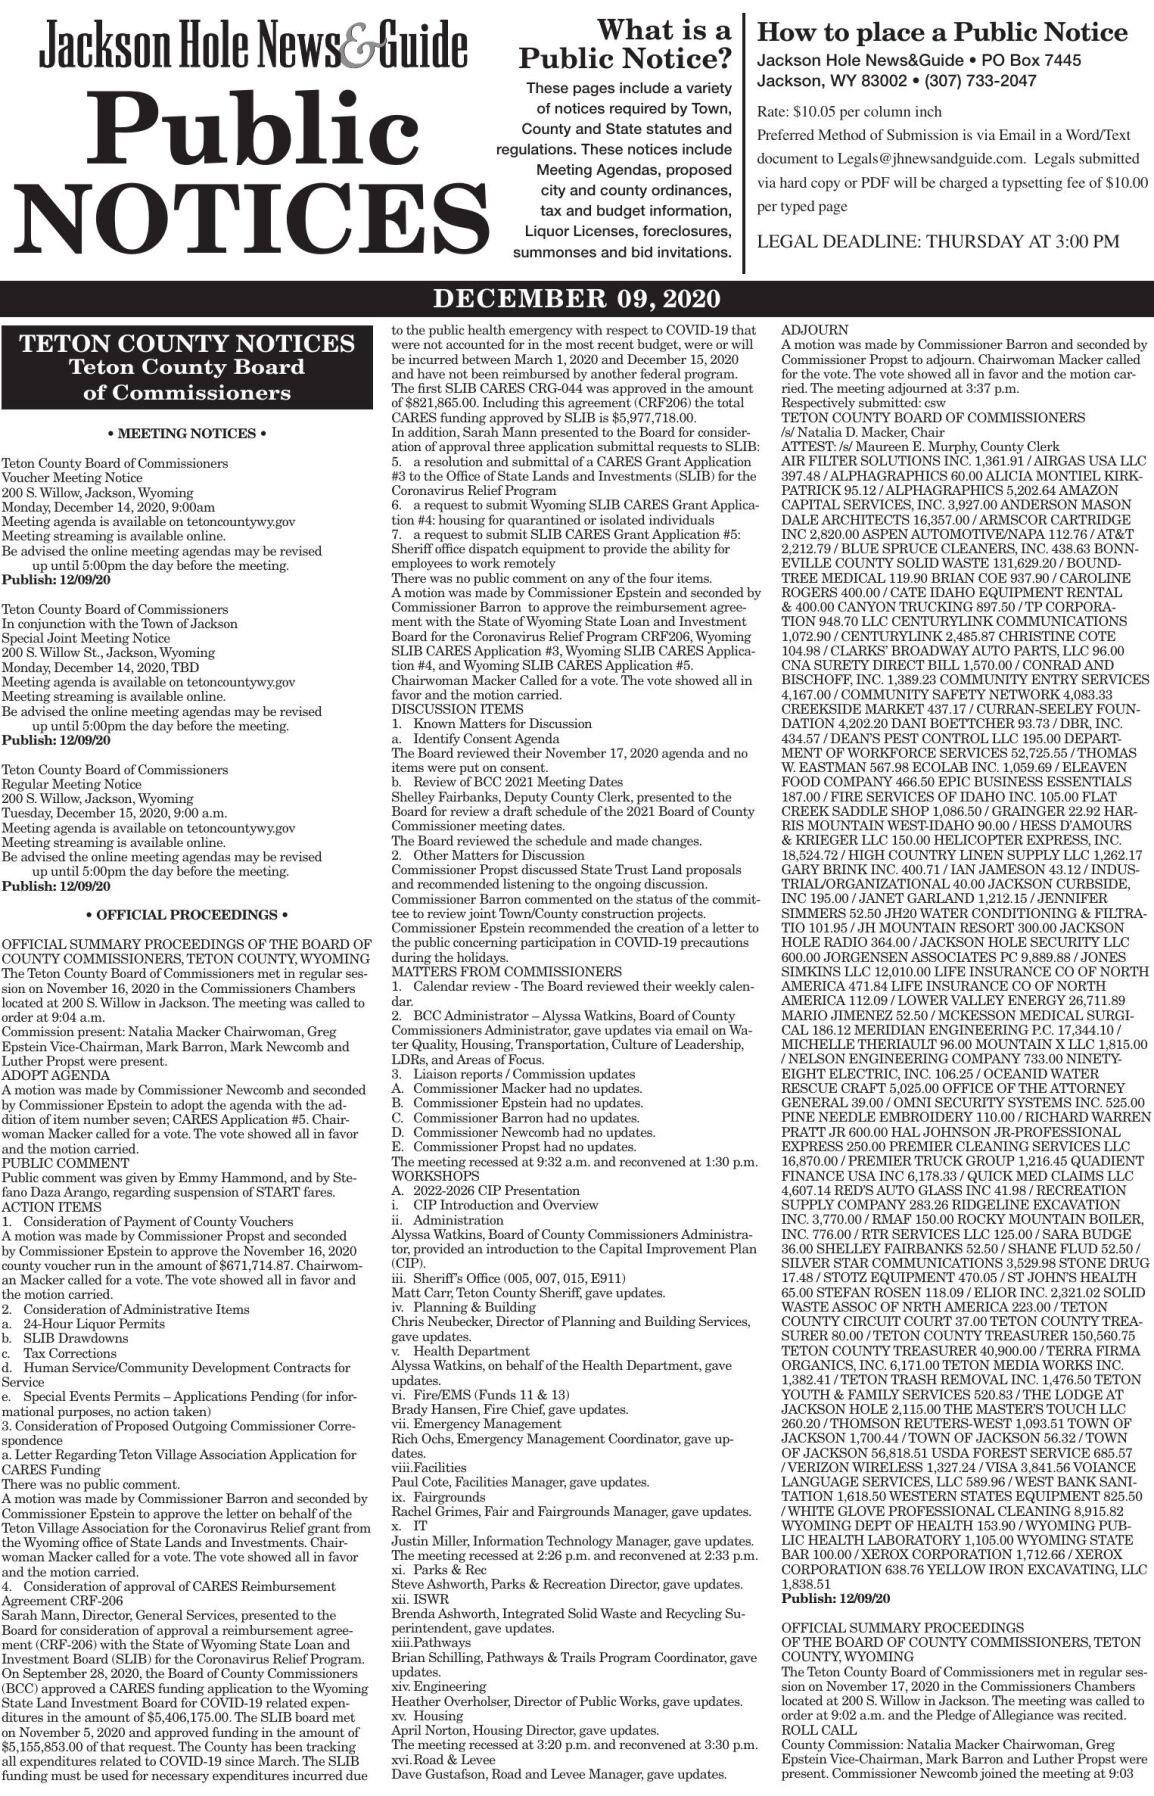 Public Notices, Dec. 9, 2020